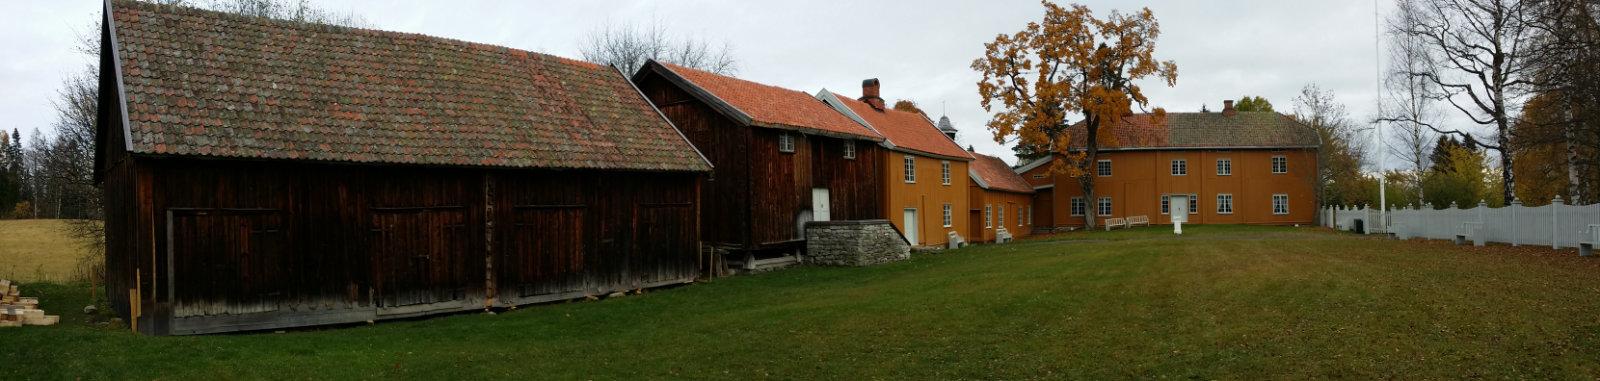 Norwegia (282)